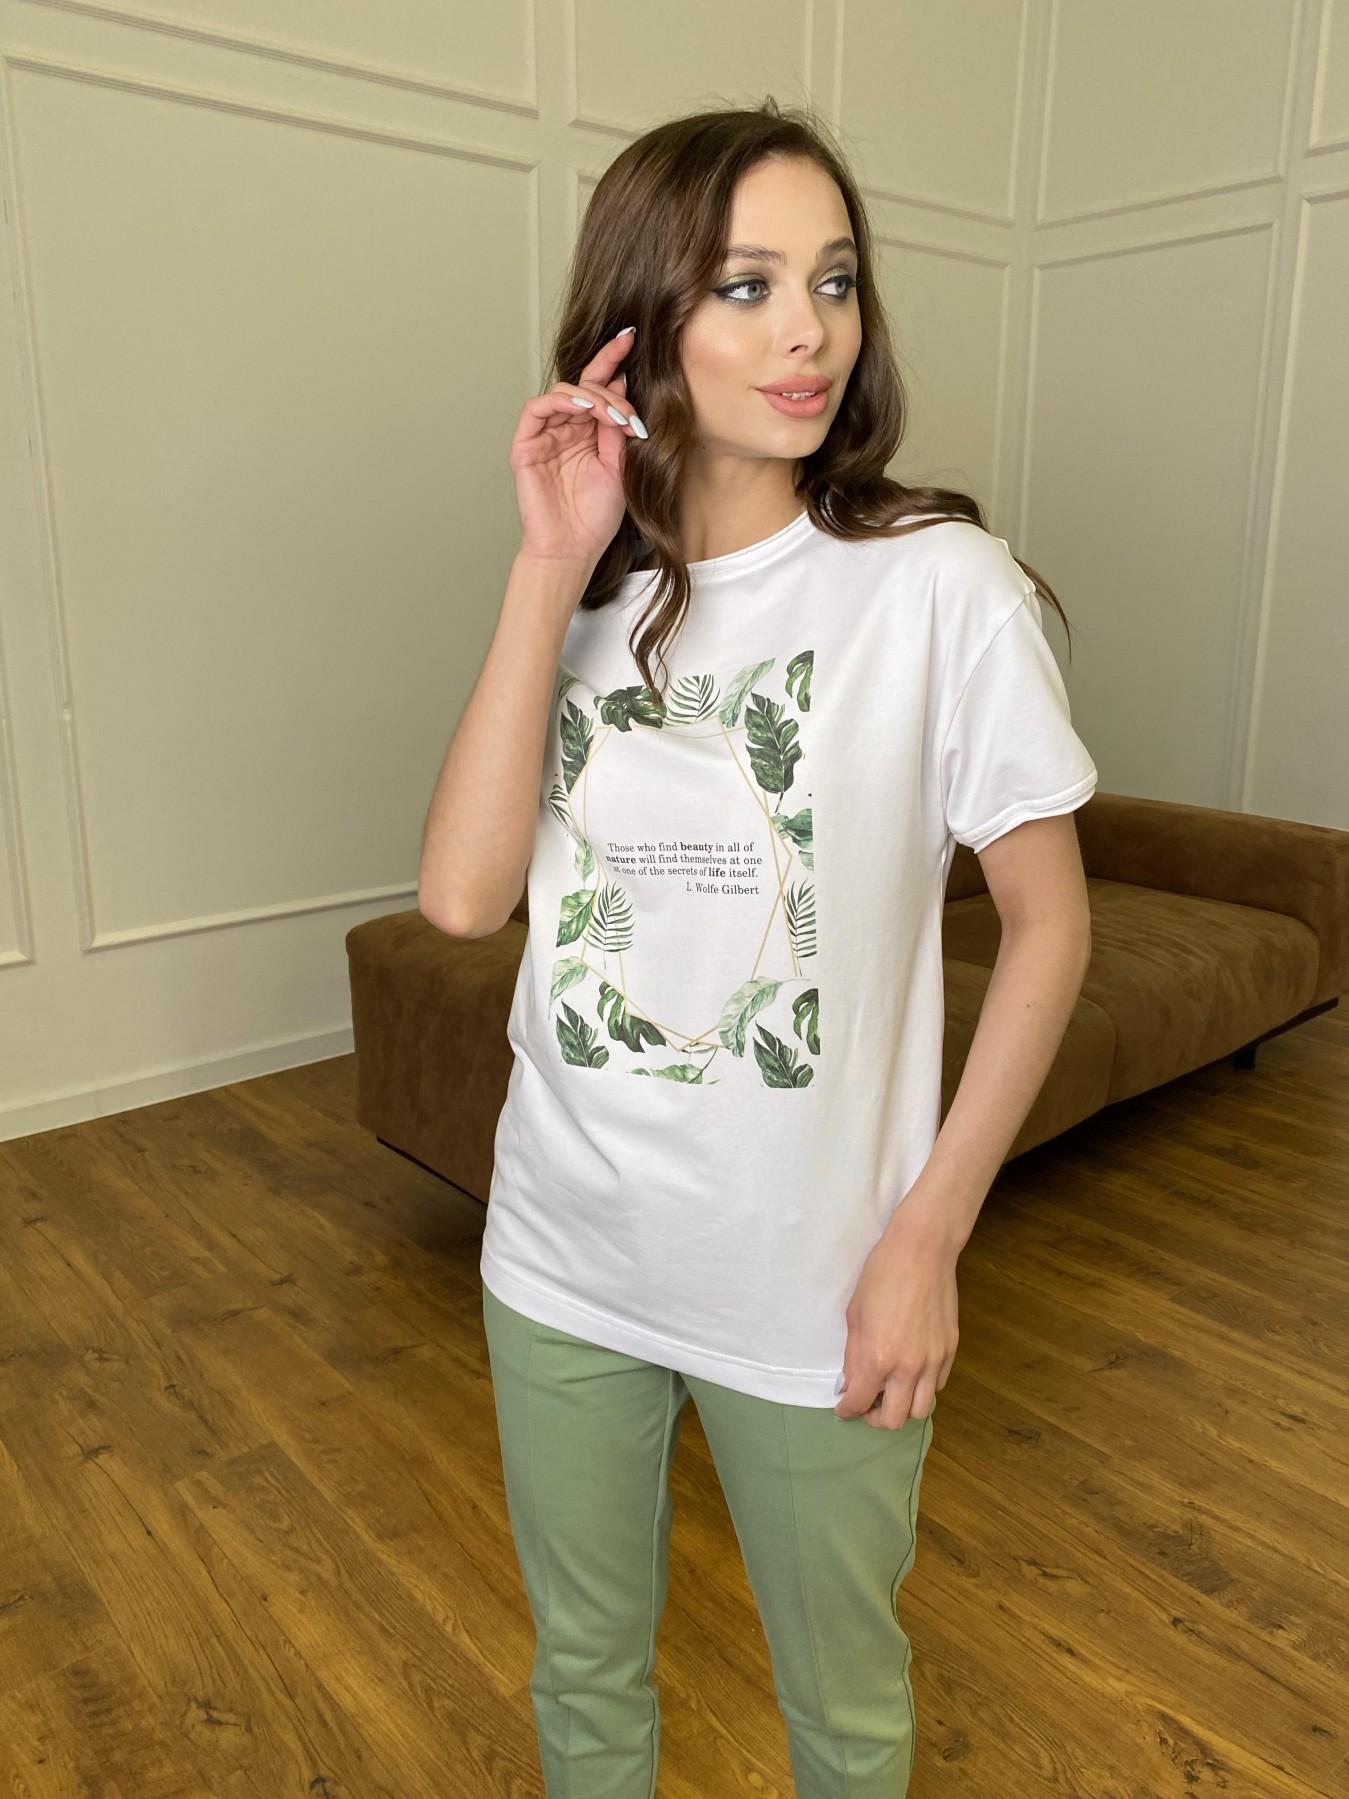 Тропик футболка из вискозы однотонная хлопок 11240 АРТ. 47761 Цвет: Белый - фото 1, интернет магазин tm-modus.ru